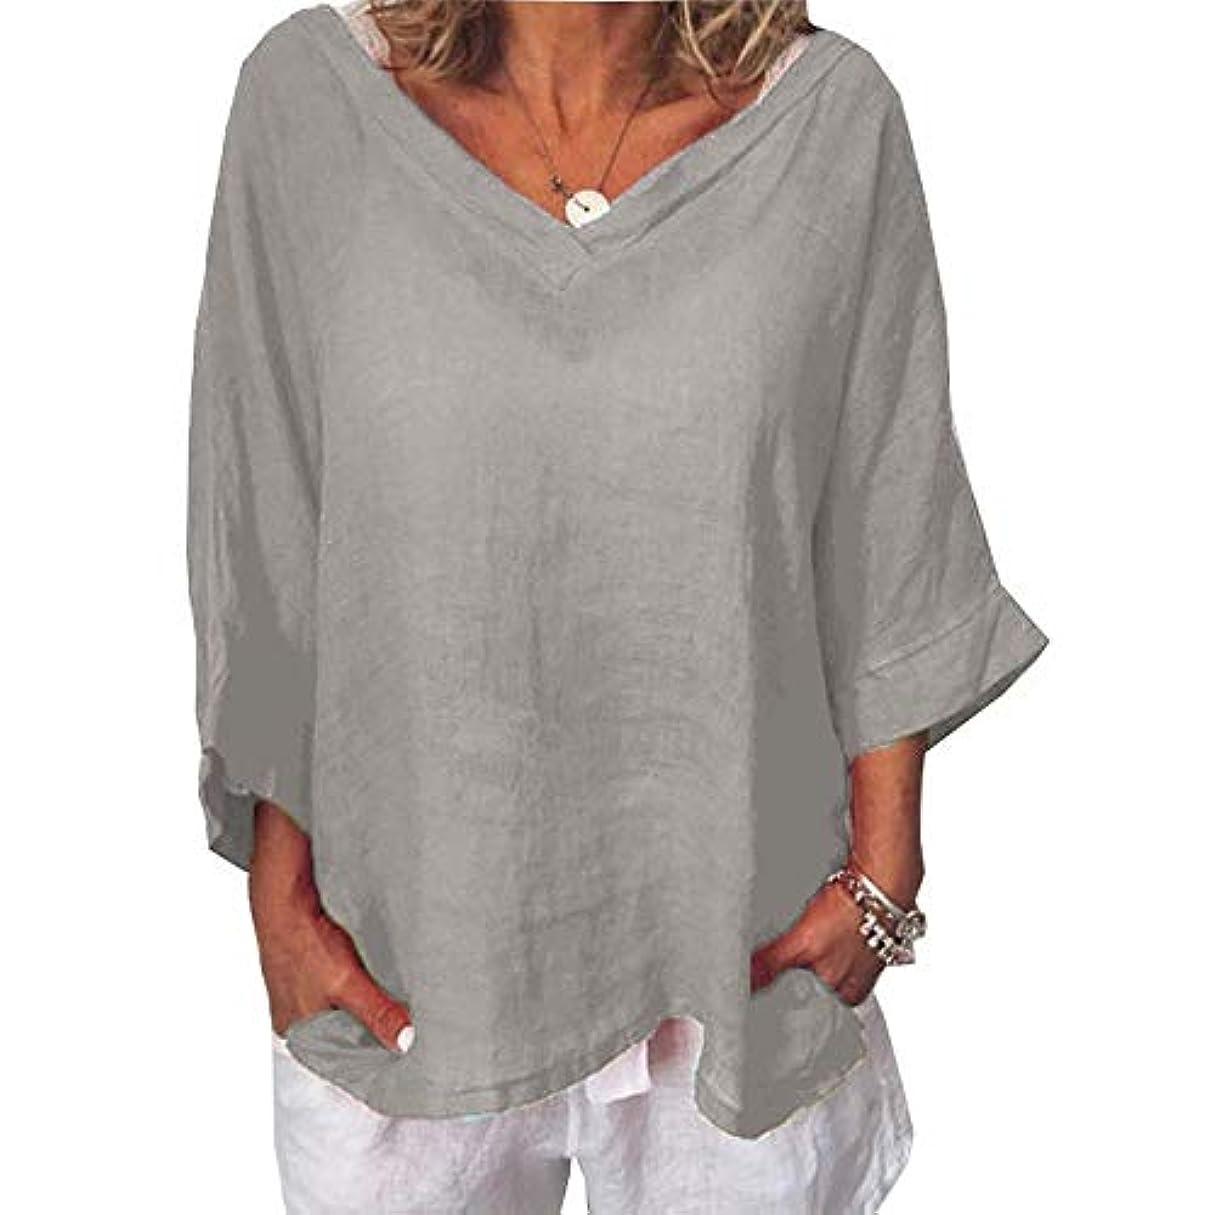 地平線計算裂け目MIFAN女性ファッションカジュアルVネックトップス無地長袖Tシャツルーズボヘミアンビーチウェア